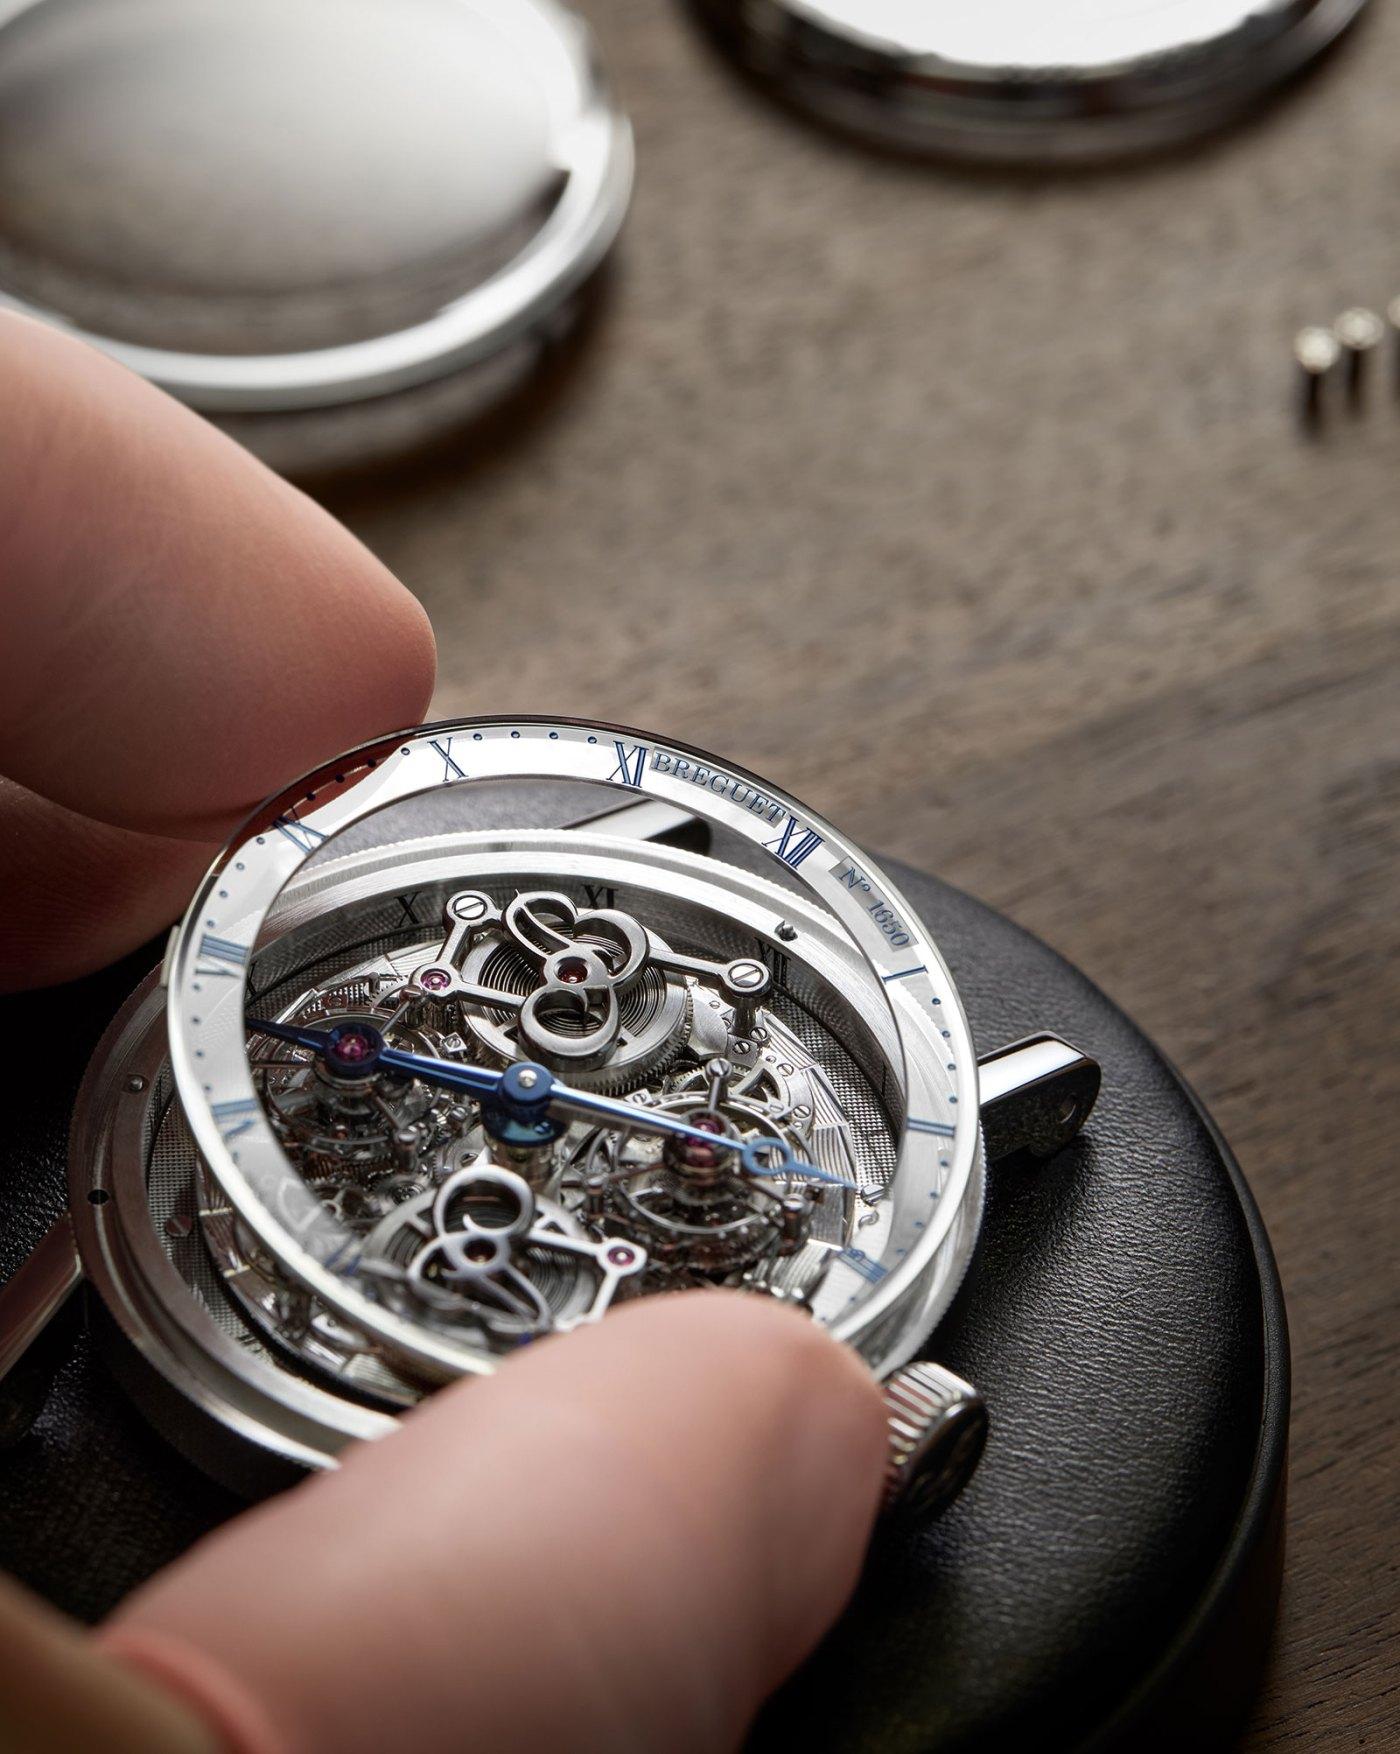 Breguet Classique Double Tourbillon 5345 Quai de l'Horloge sapphire chapter ring